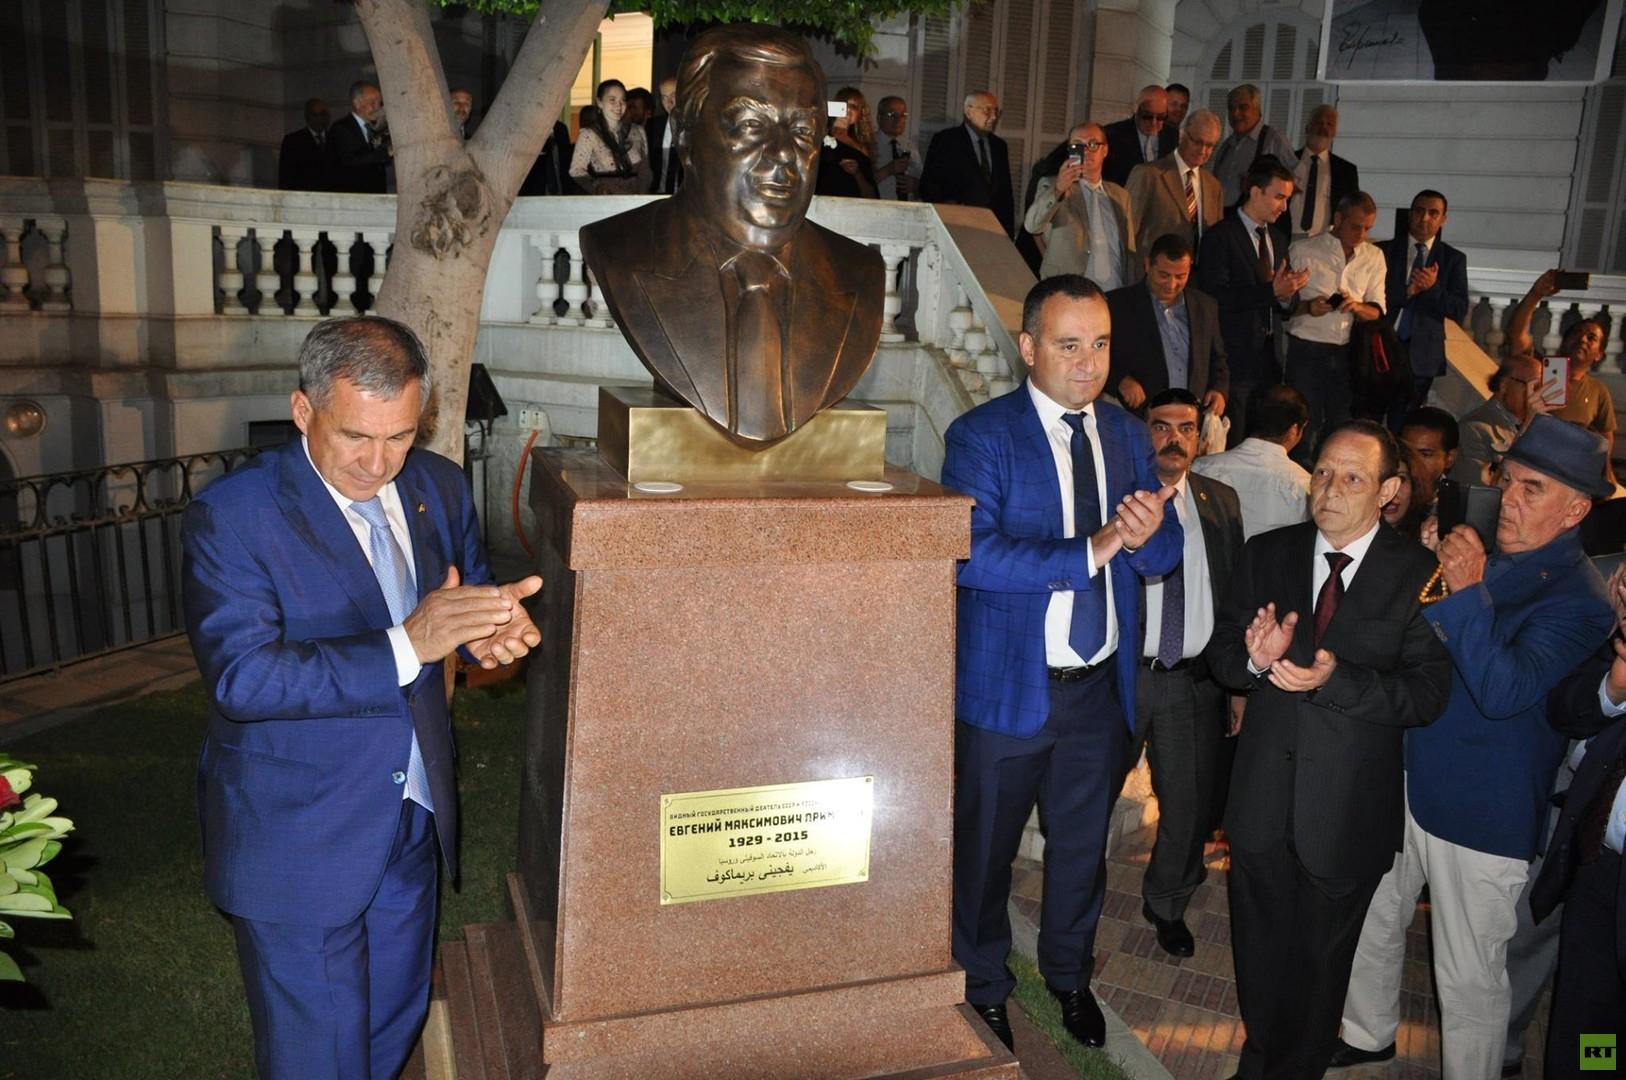 تدشين تمثال لرئيس الوزراء الروسي الأسبق بريماكوف في مصر (صور)